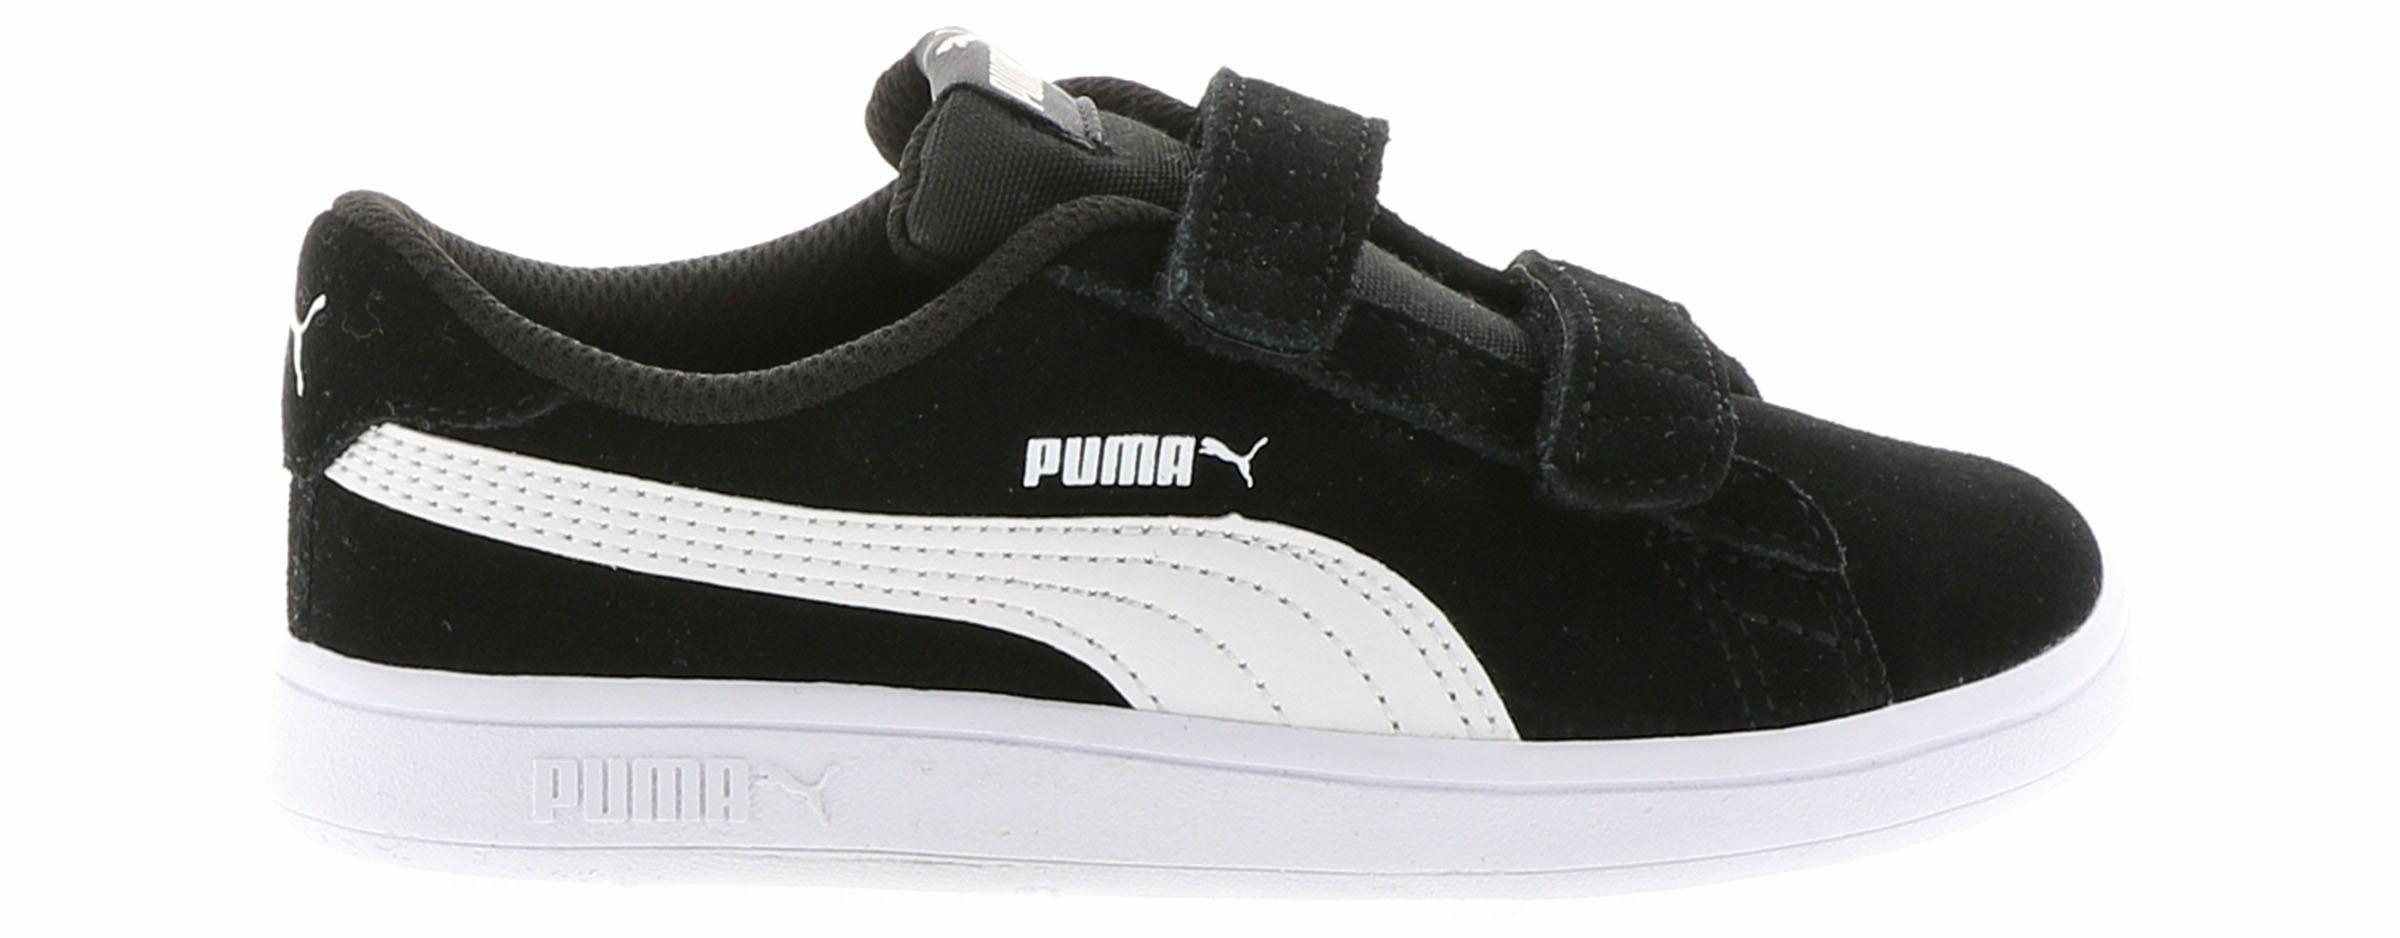 Kid's Puma Smash V2 INF (5 10)